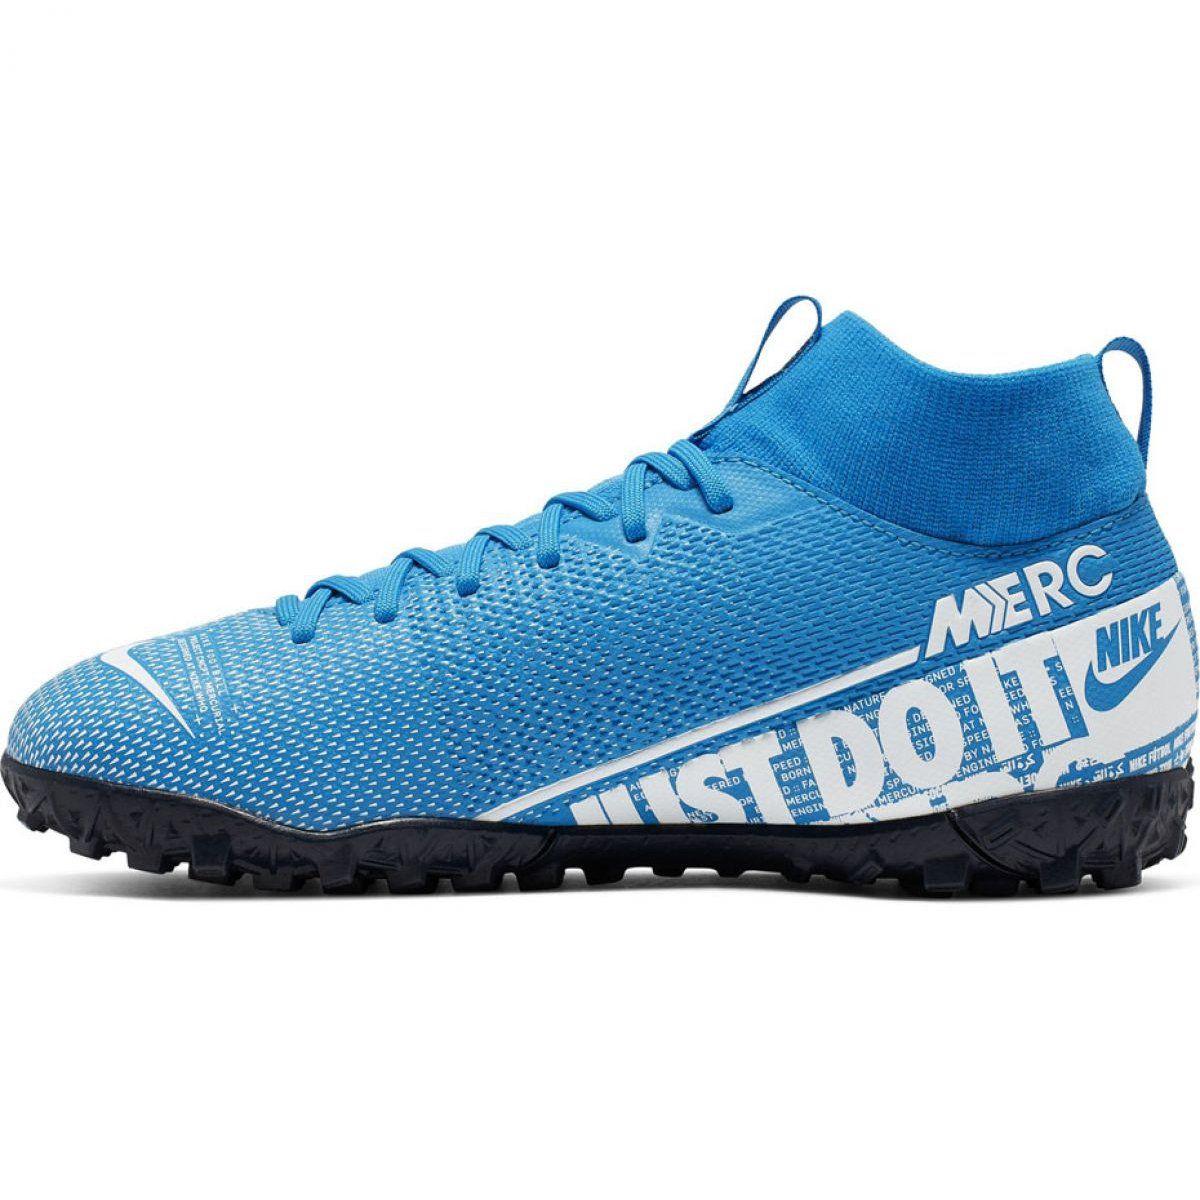 Buty Pilkarskie Nike Mercurial Superfly 7 Academy Tf Jr At8143 414 Niebieskie Wielokolorowe Football Shoes Kids Football Boots Nike